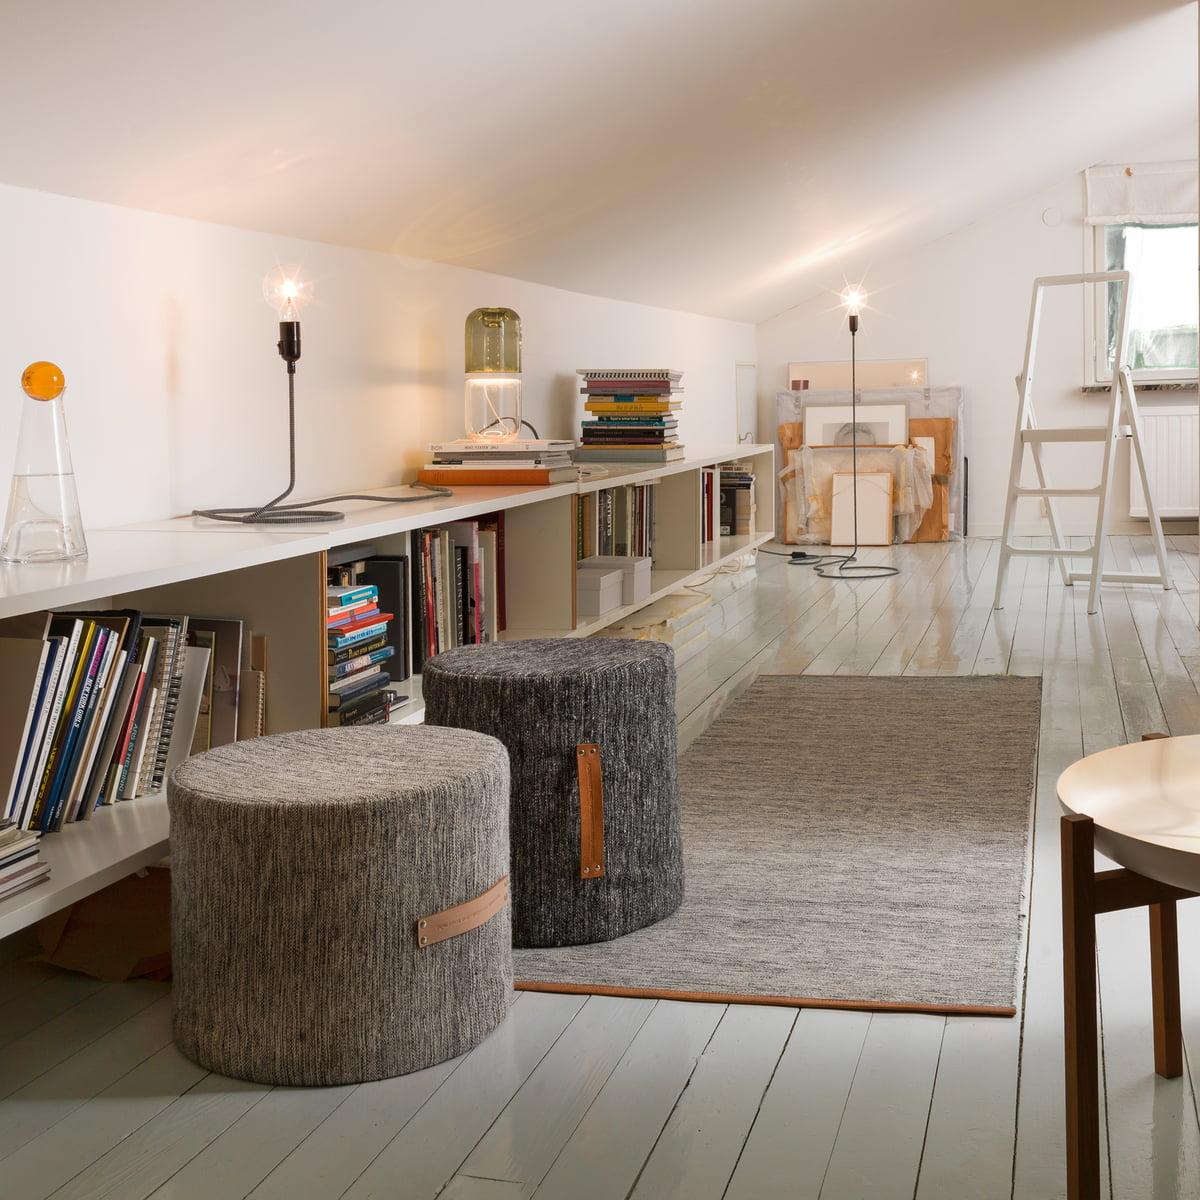 the bj rk stool by design house stockholm. Black Bedroom Furniture Sets. Home Design Ideas